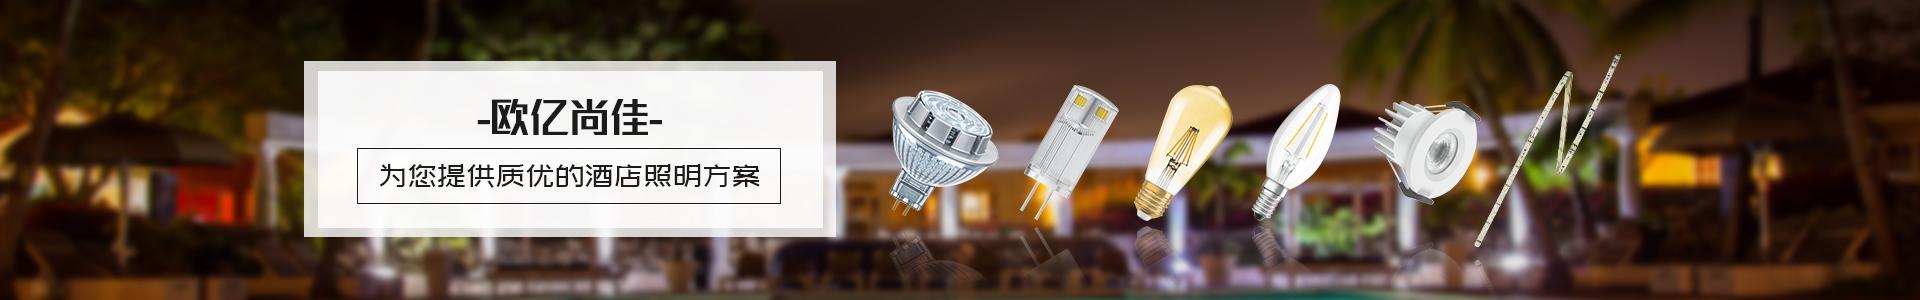 欧司朗酒店照明:为您提供质优的酒店照明方案